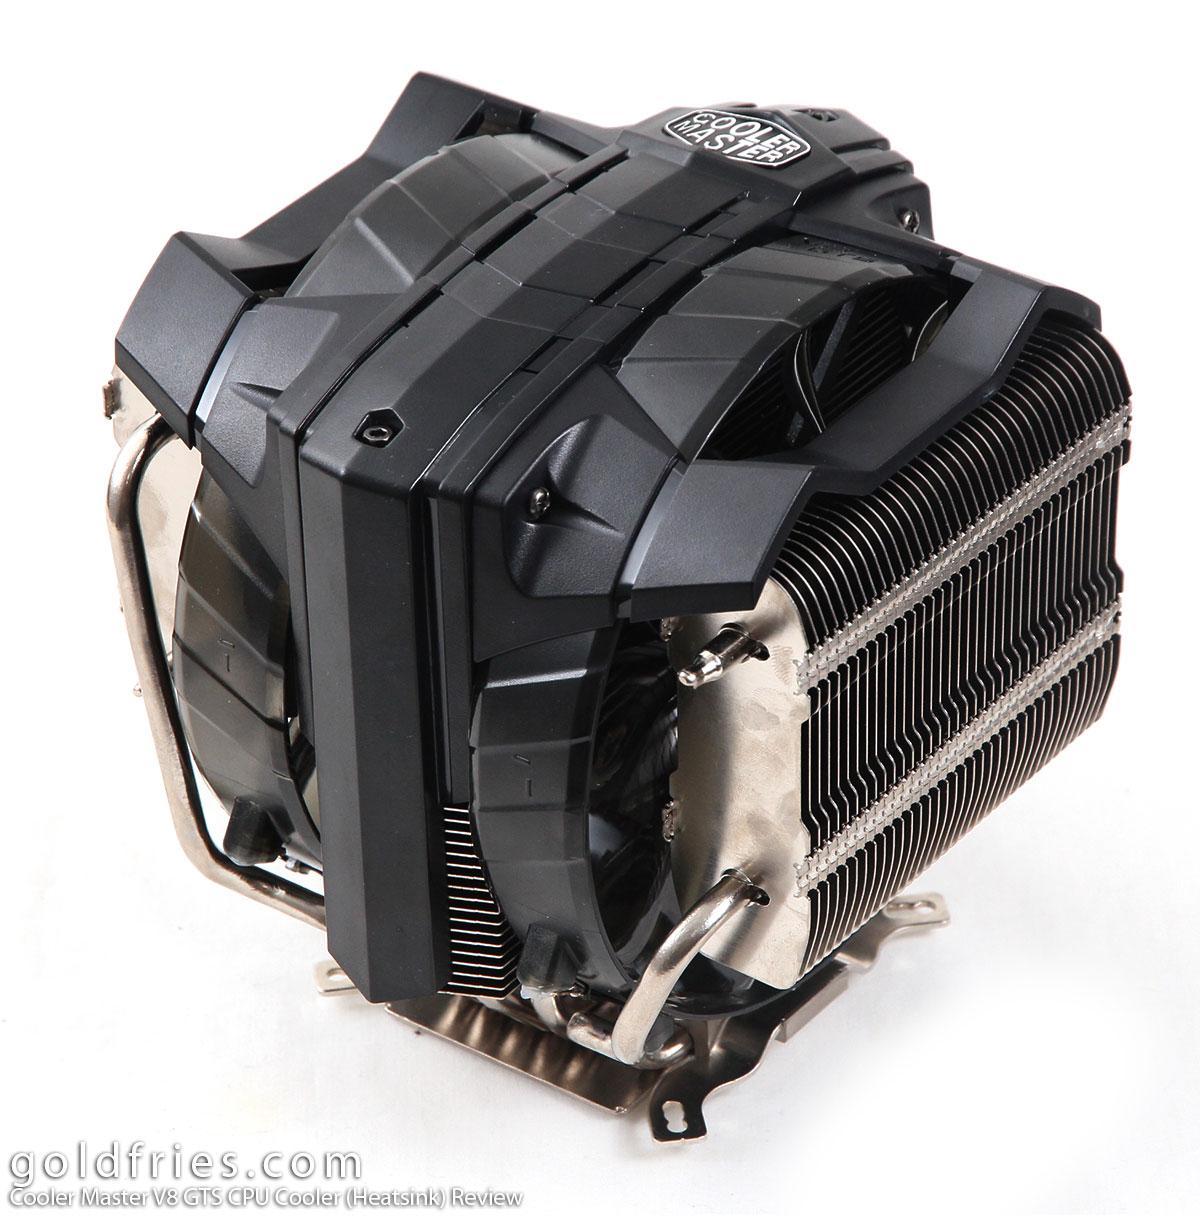 Cooler Master V8 GTS CPU Cooler (Heatsink) Review